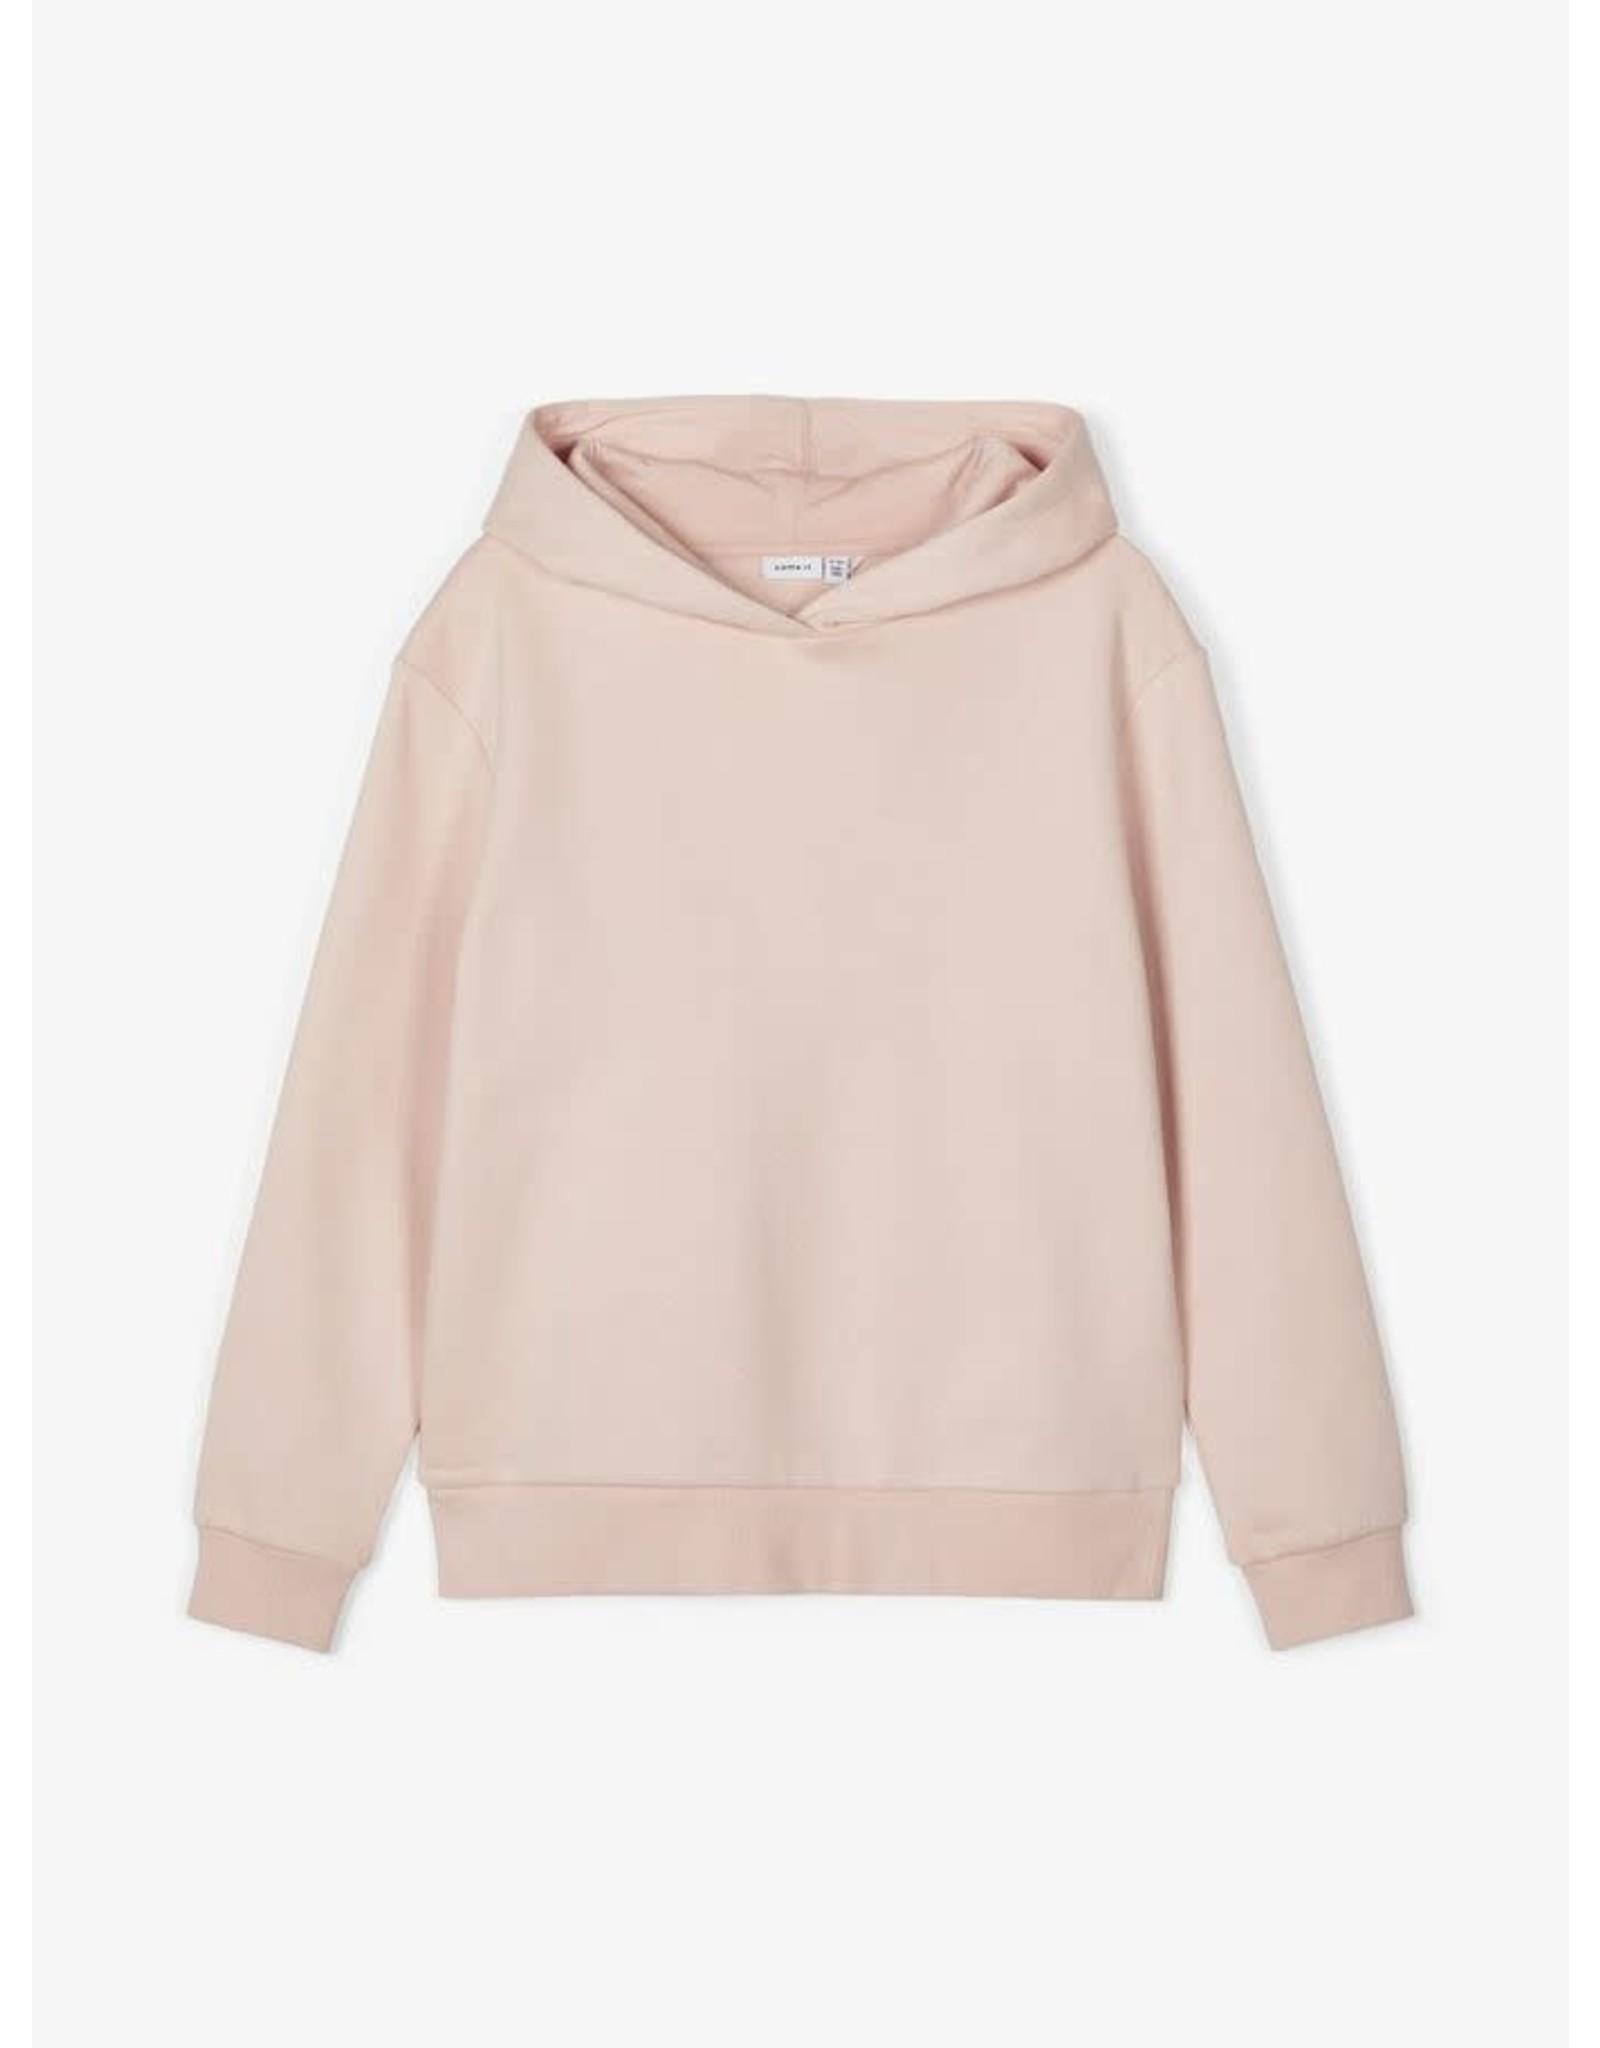 Name It Zacht roze warme meisjes hoodie - LAATSTE MAAT 116